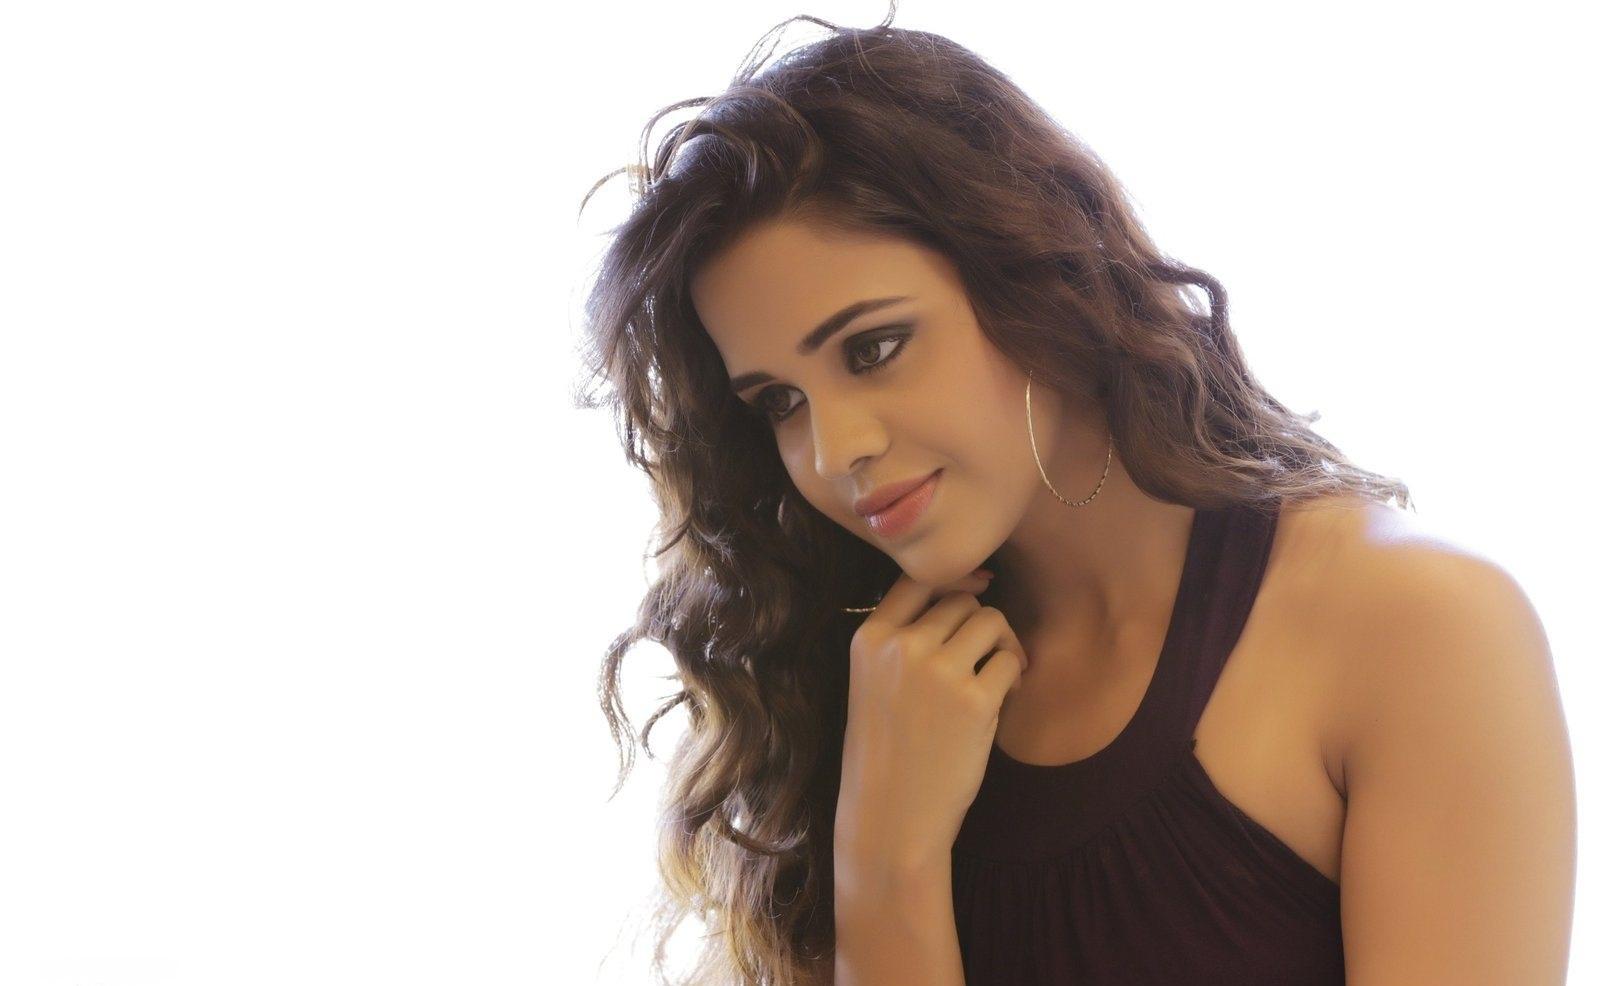 Actress Celebrities Photos Punjabi New Hot Model Parina -3150